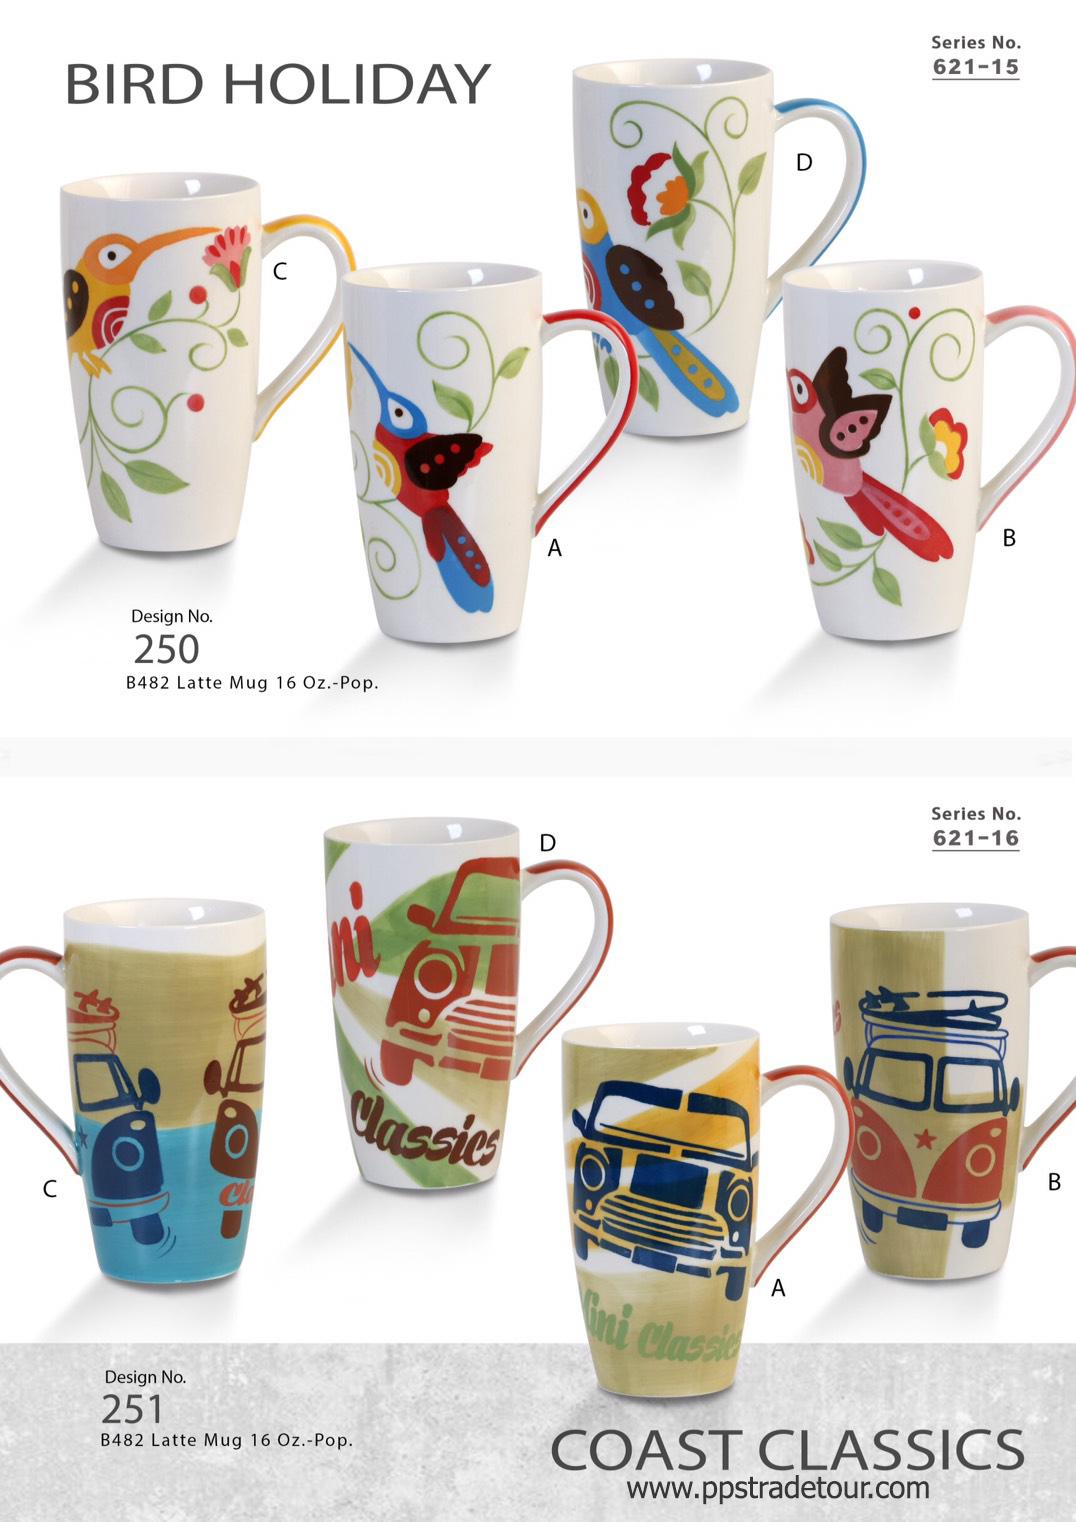 Bird Holiday-Ceramic Mug 16 Oz.